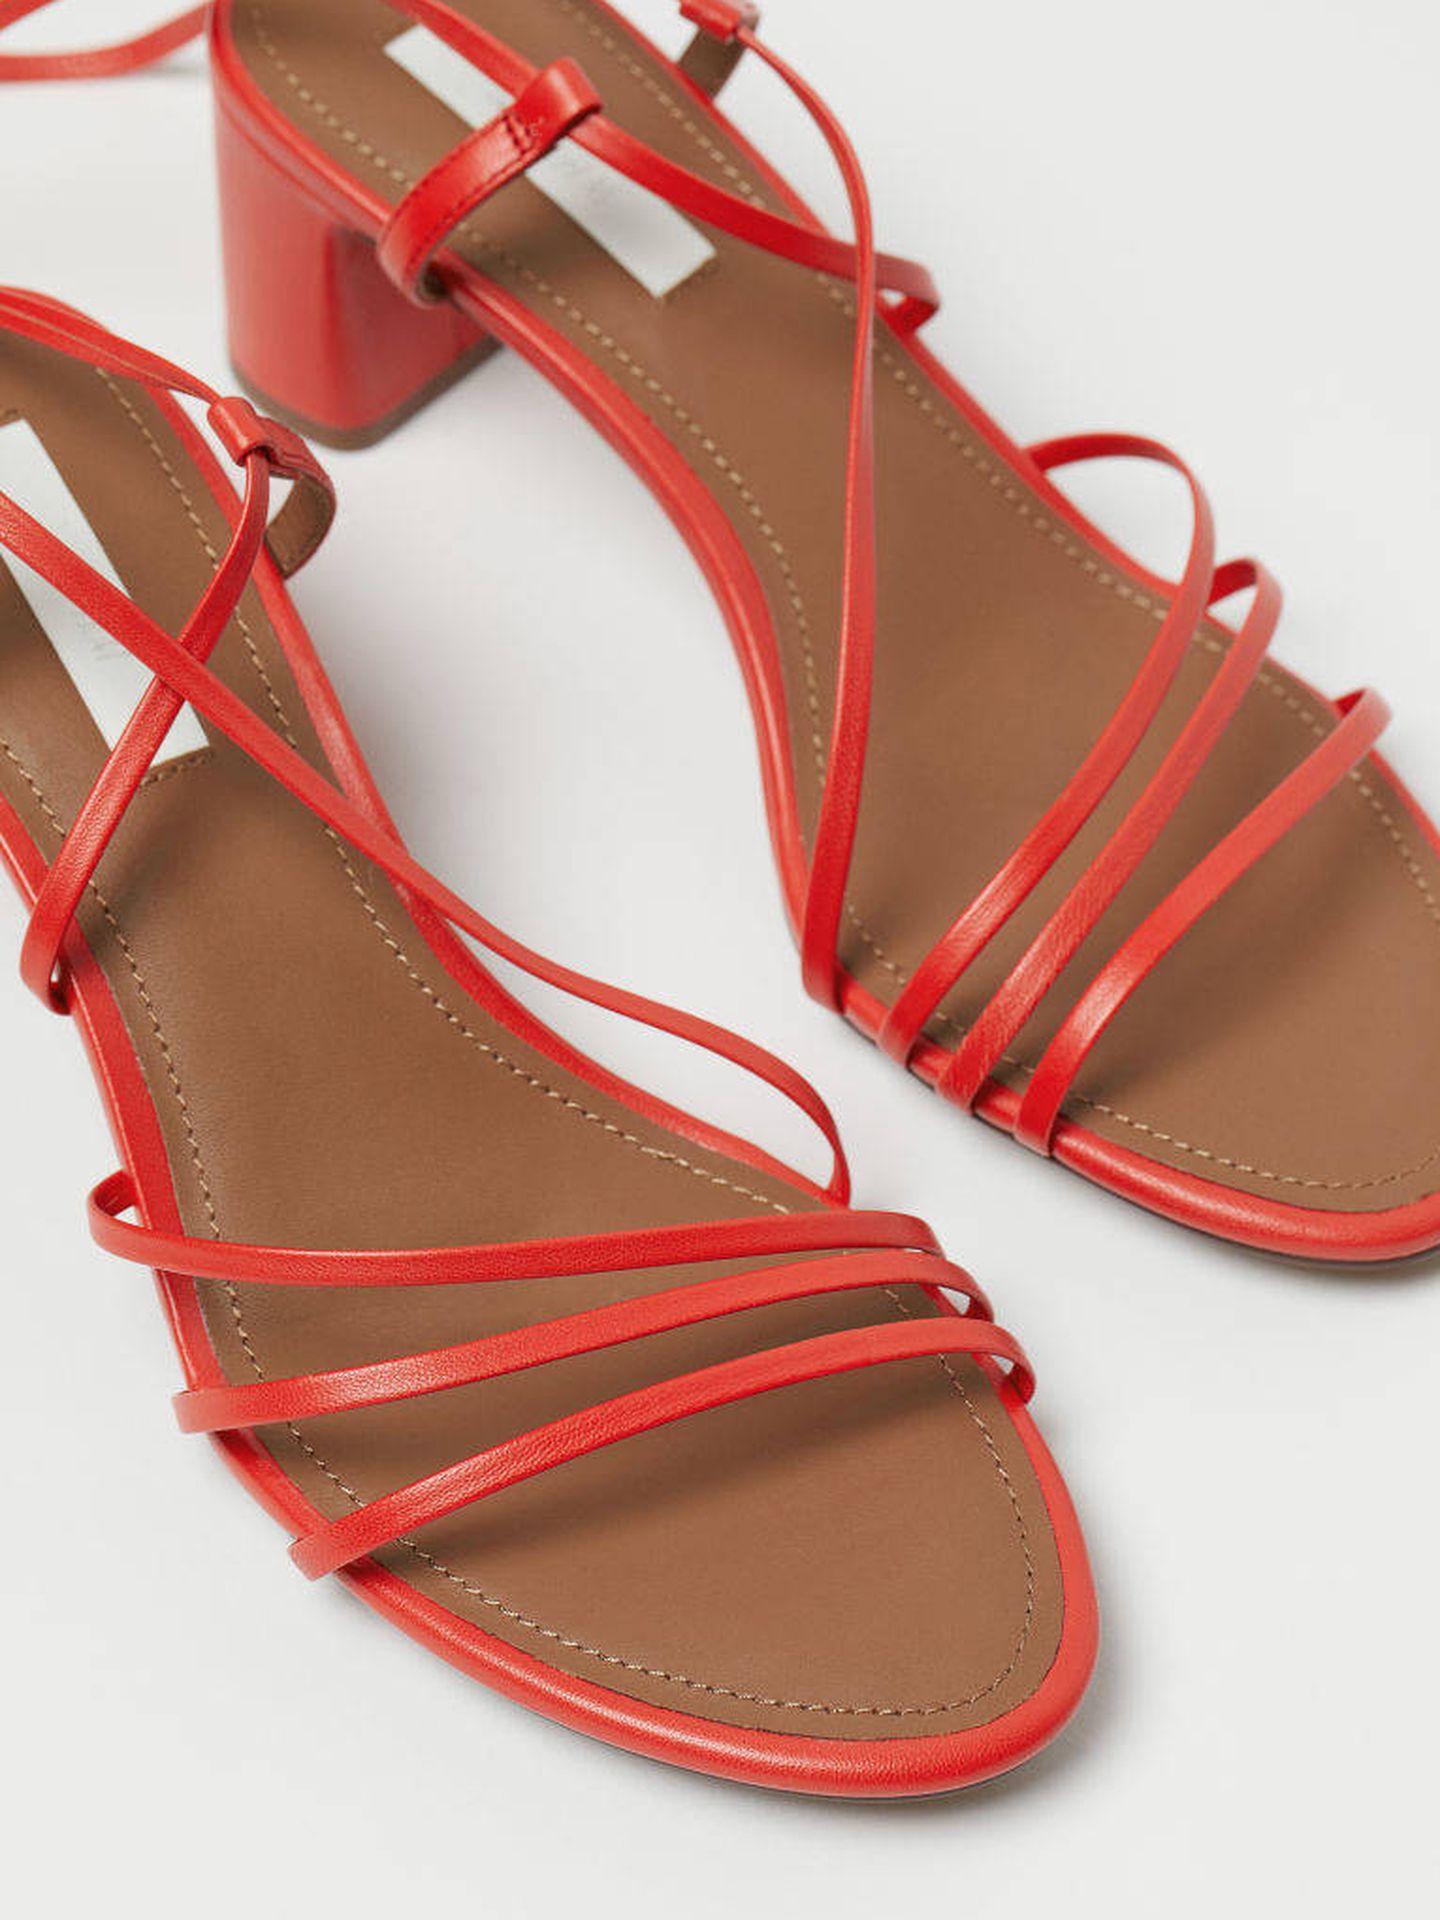 Sandalias de tiras en piel en color rojo de H&M.